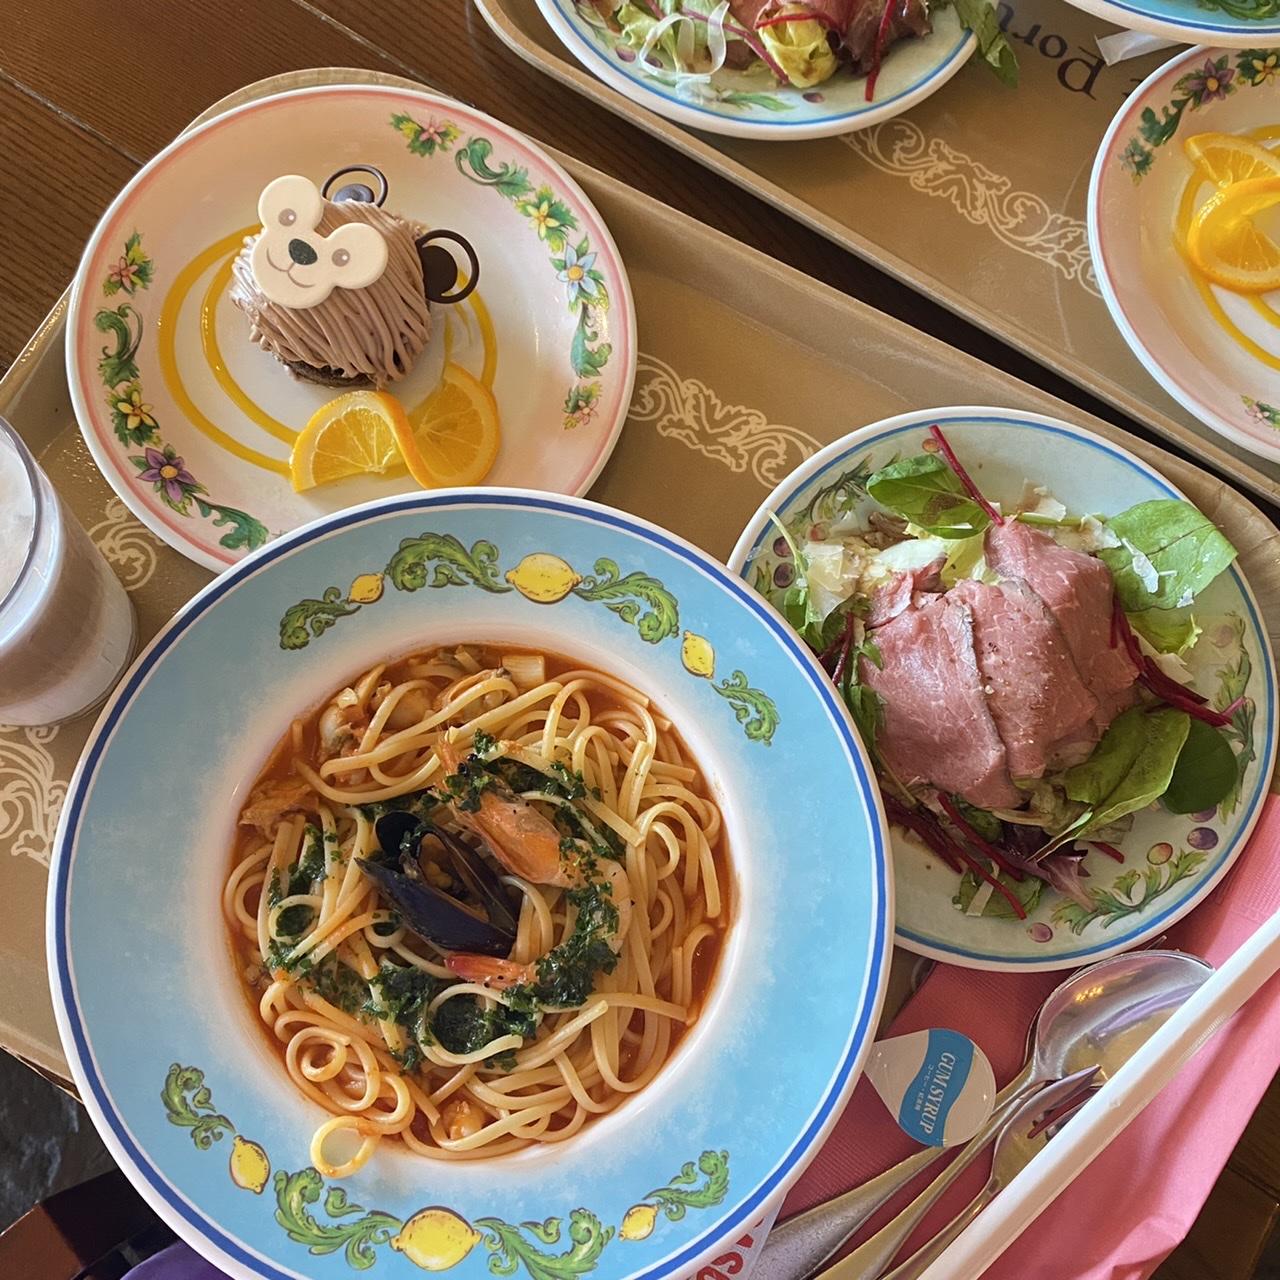 【ディズニーレストラン】カフェ・ポルトフィーノのスペシャルセット食べてきました♪_1